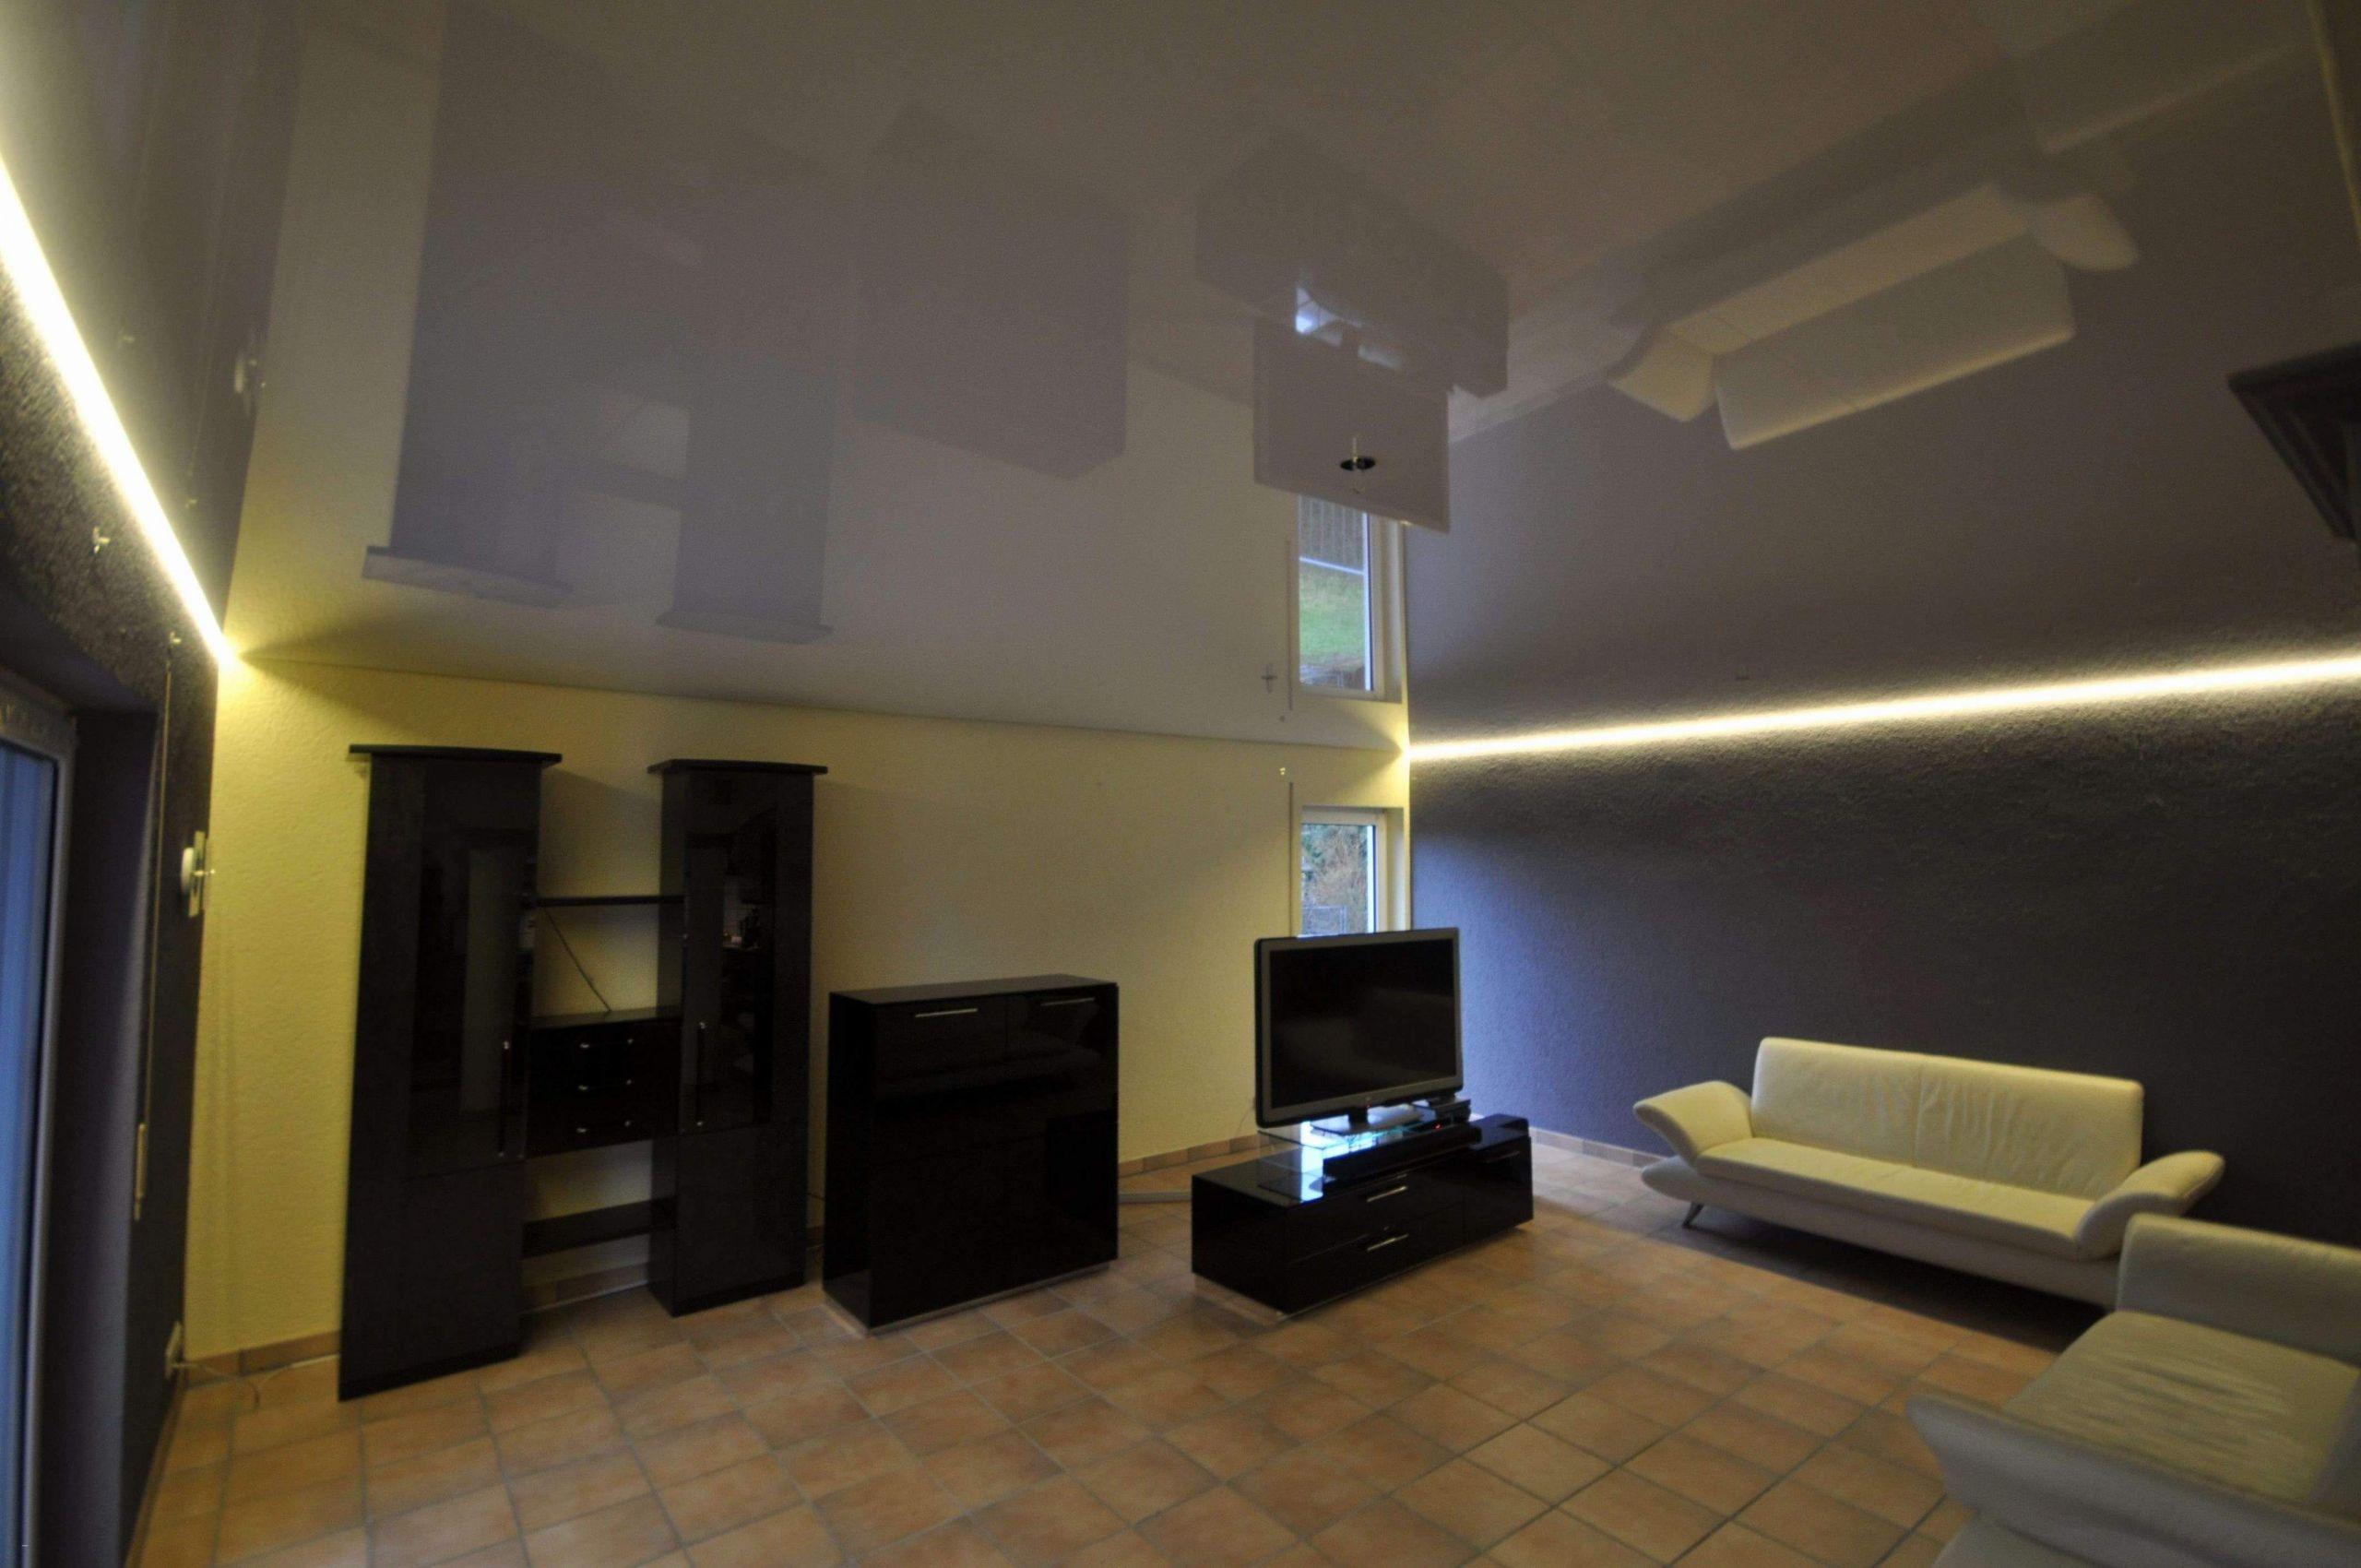 wohnzimmer lampe decke das beste von wohnzimmer licht 0d design ideen von wohnzimmer lampen decke of wohnzimmer lampe decke